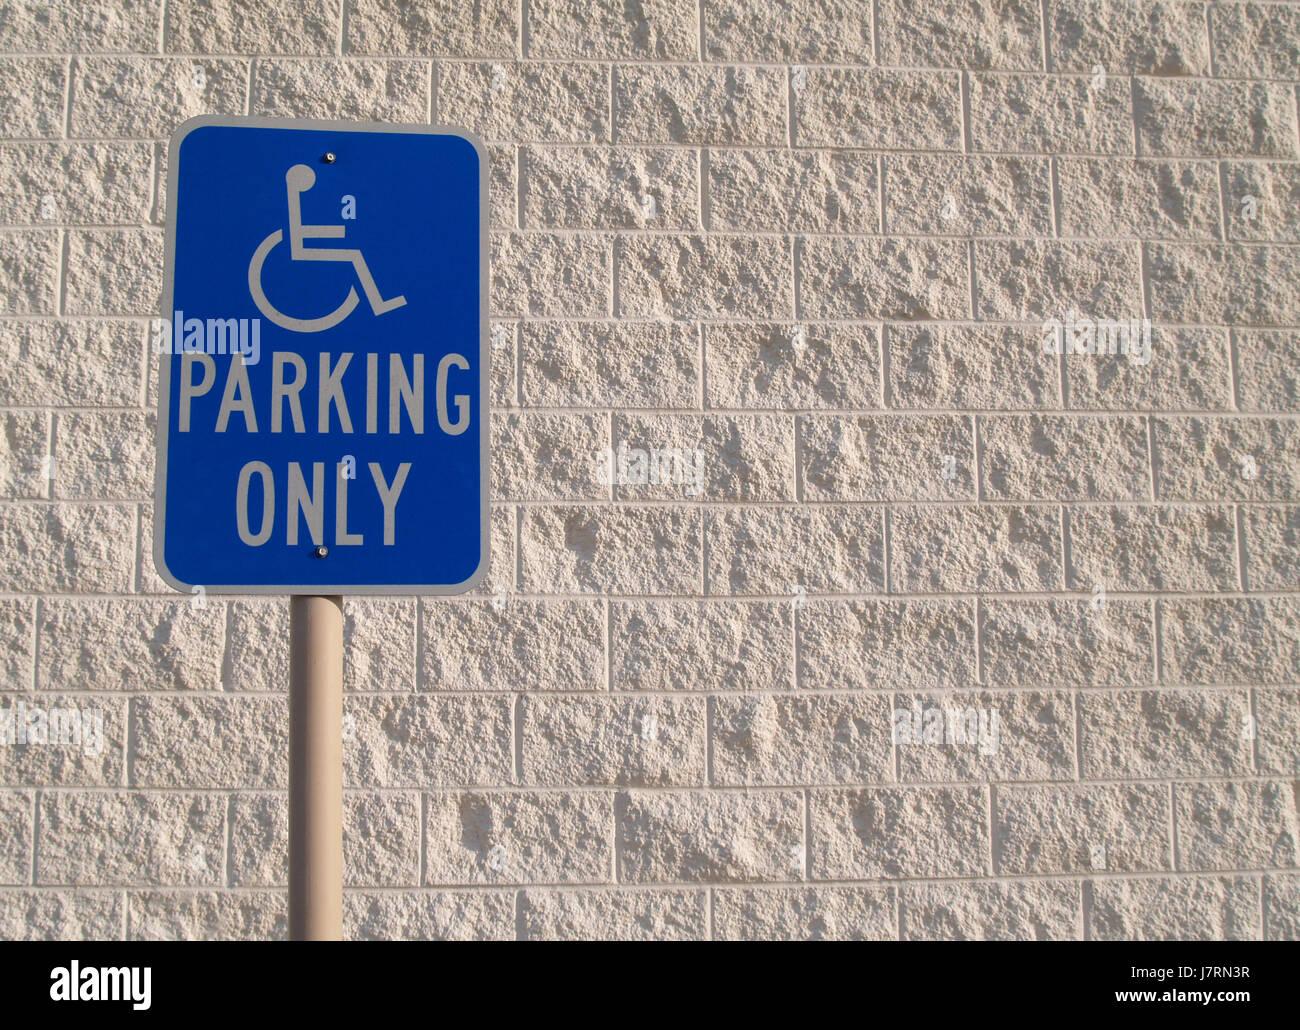 Wheelchair Icon Imágenes De Stock & Wheelchair Icon Fotos De Stock ...